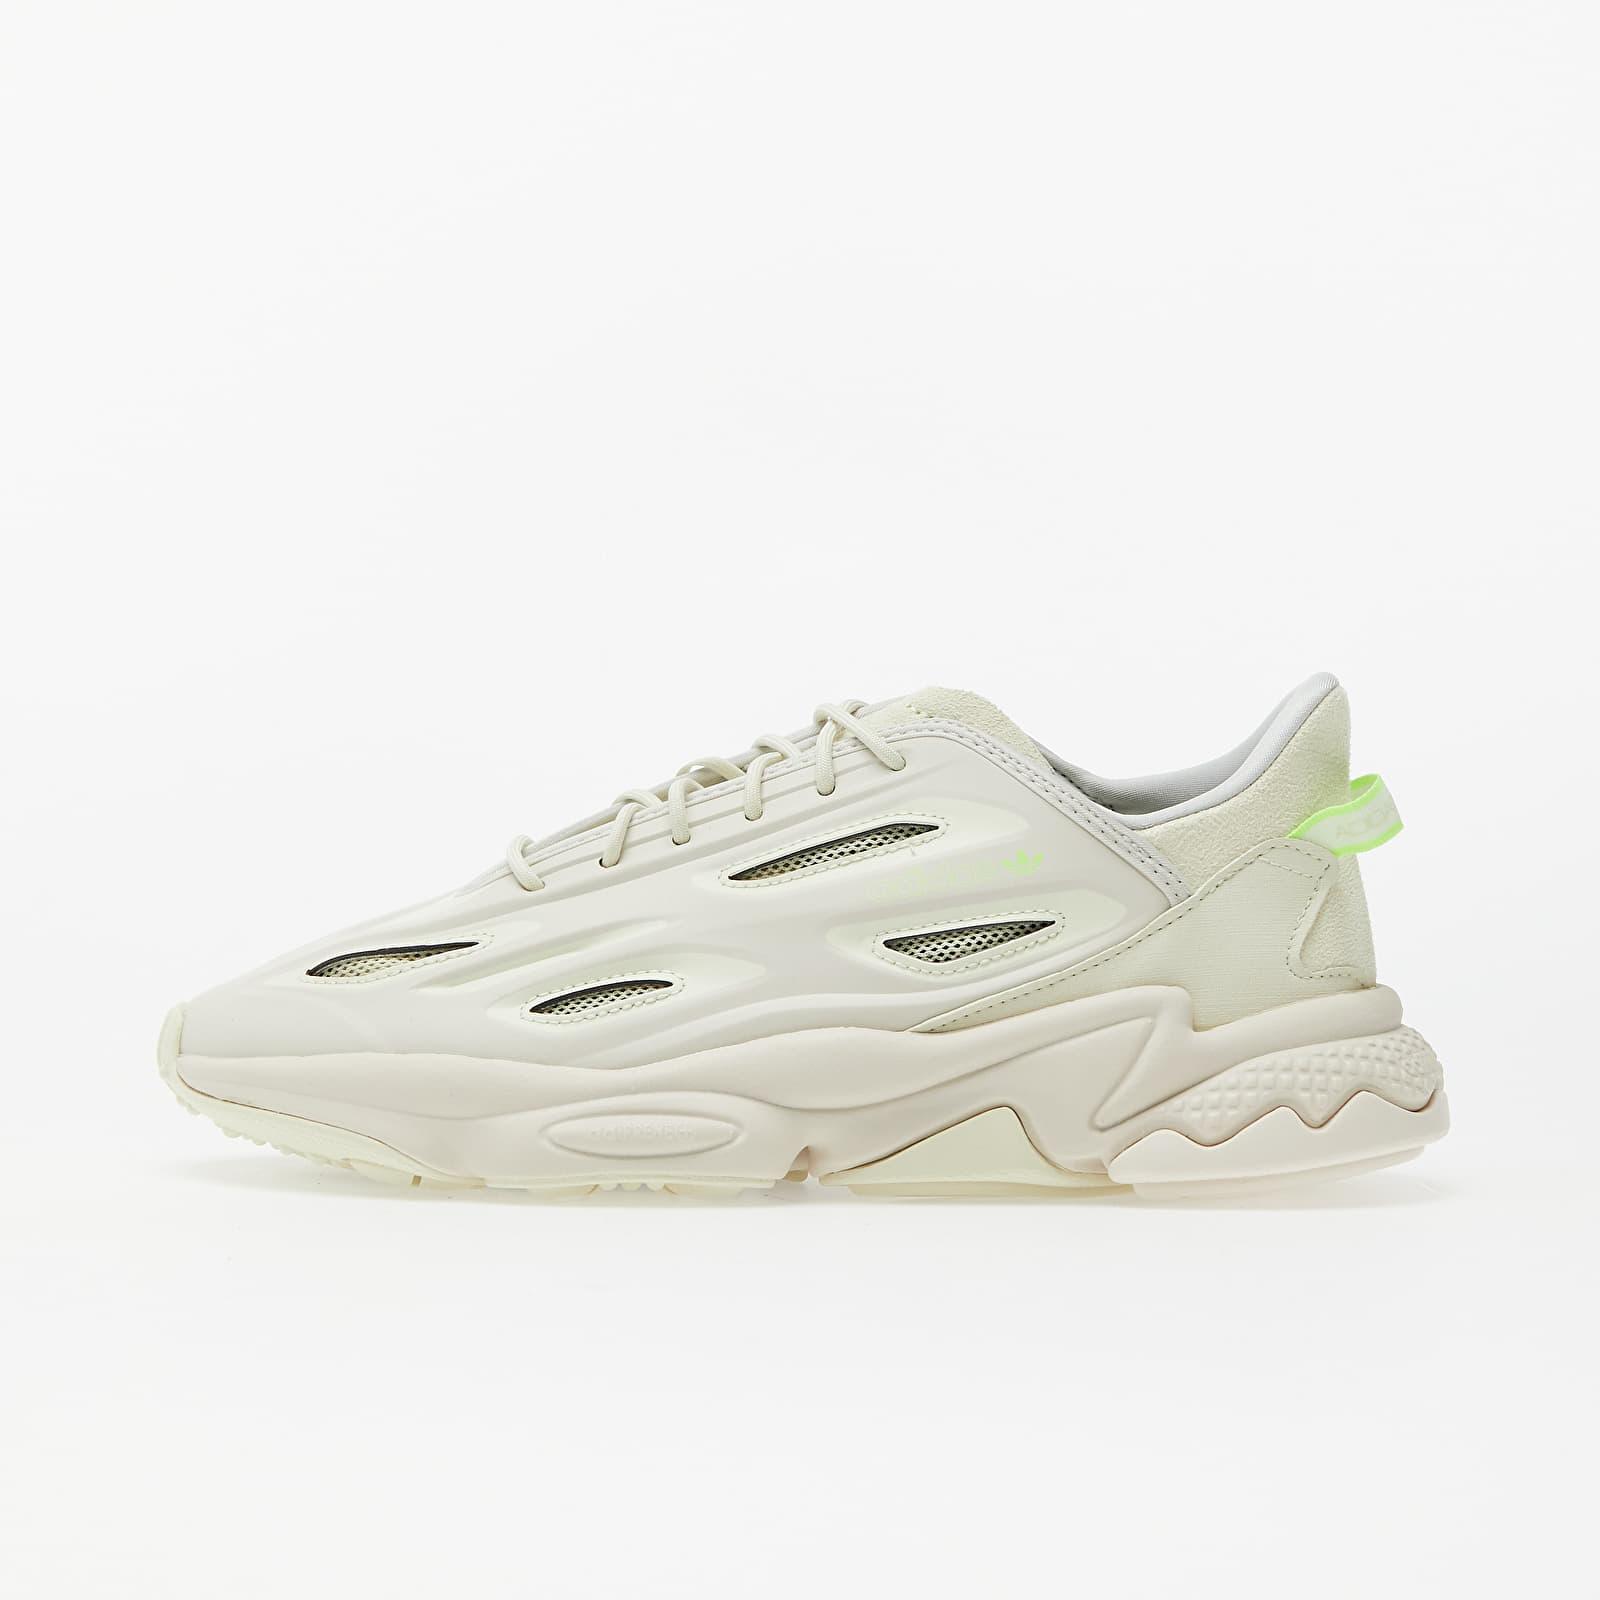 adidas Ozweego Celox W Talc/ Sand/ Signal Green EUR 38 2/3